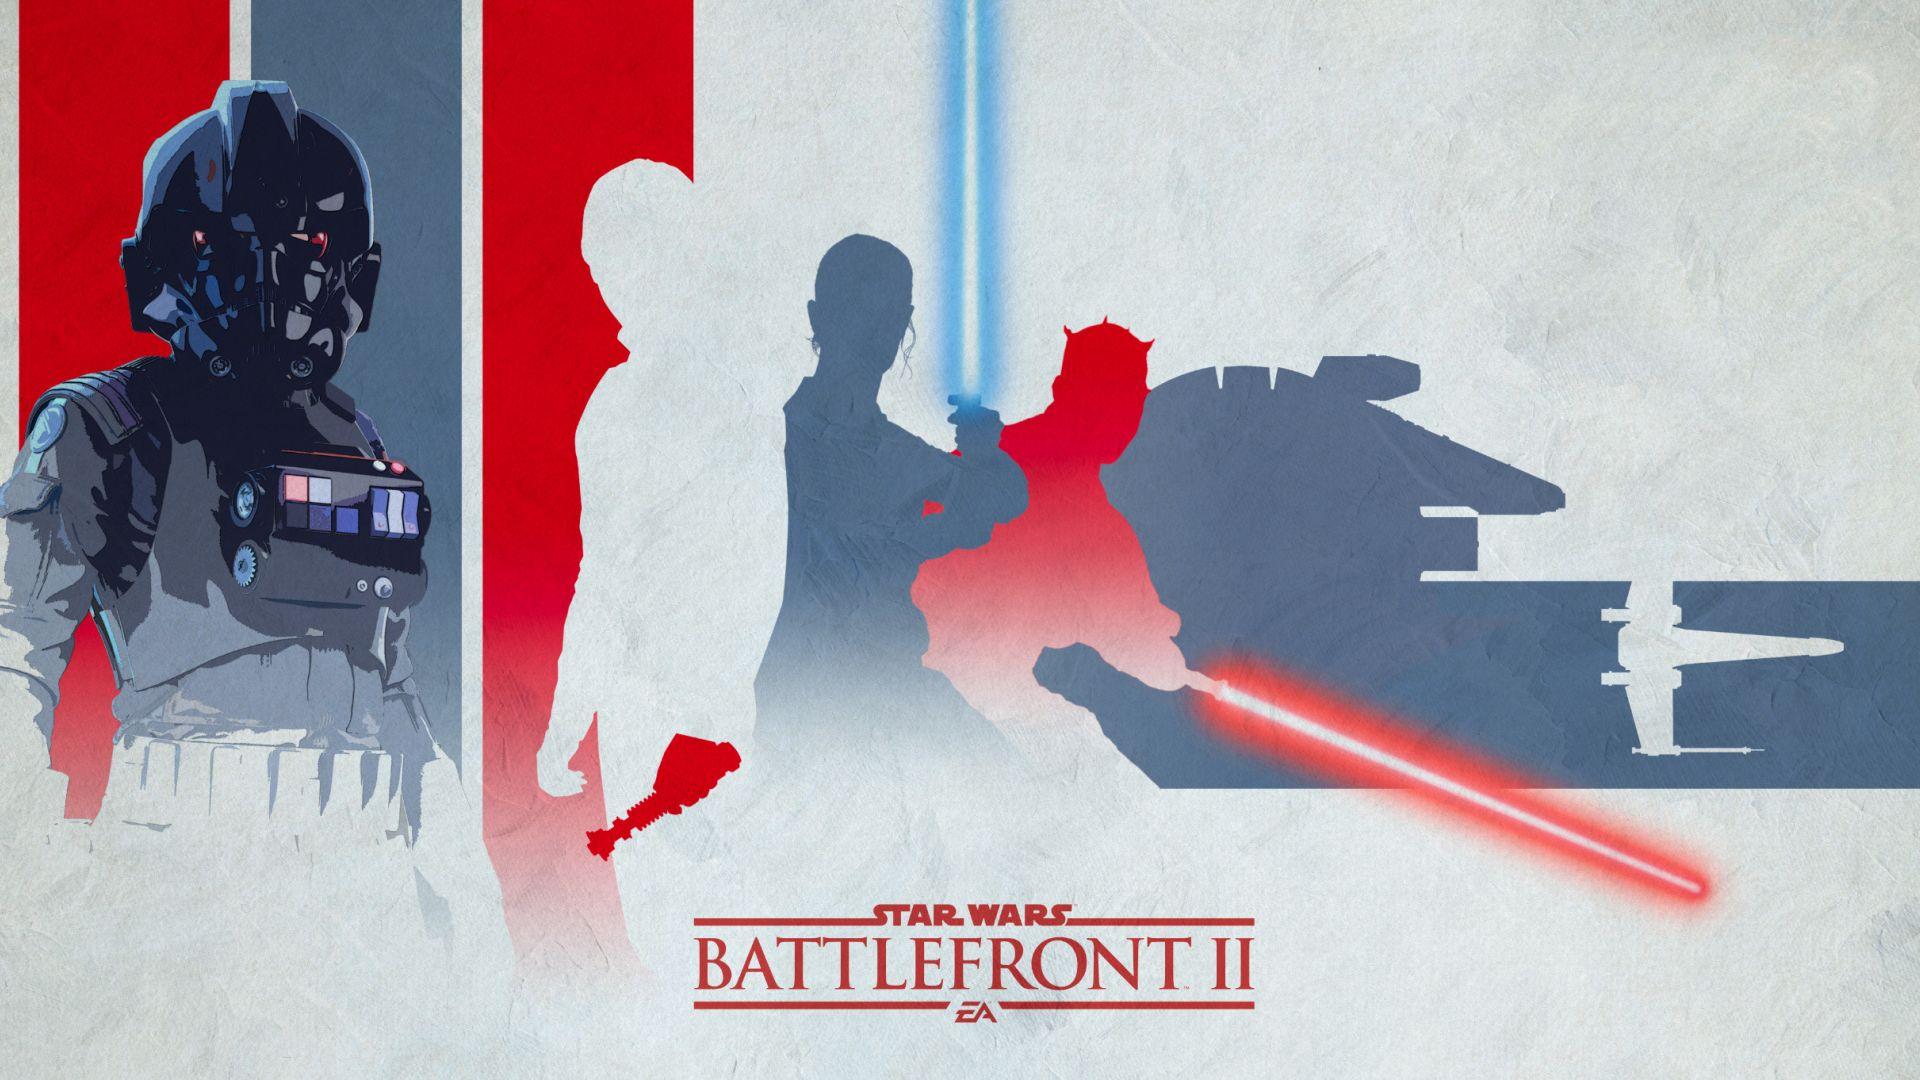 Desktop Wallpaper Star Wars Battlefront 2 Light Darth Vader Artwork Hd Image Picture Background Fd492f